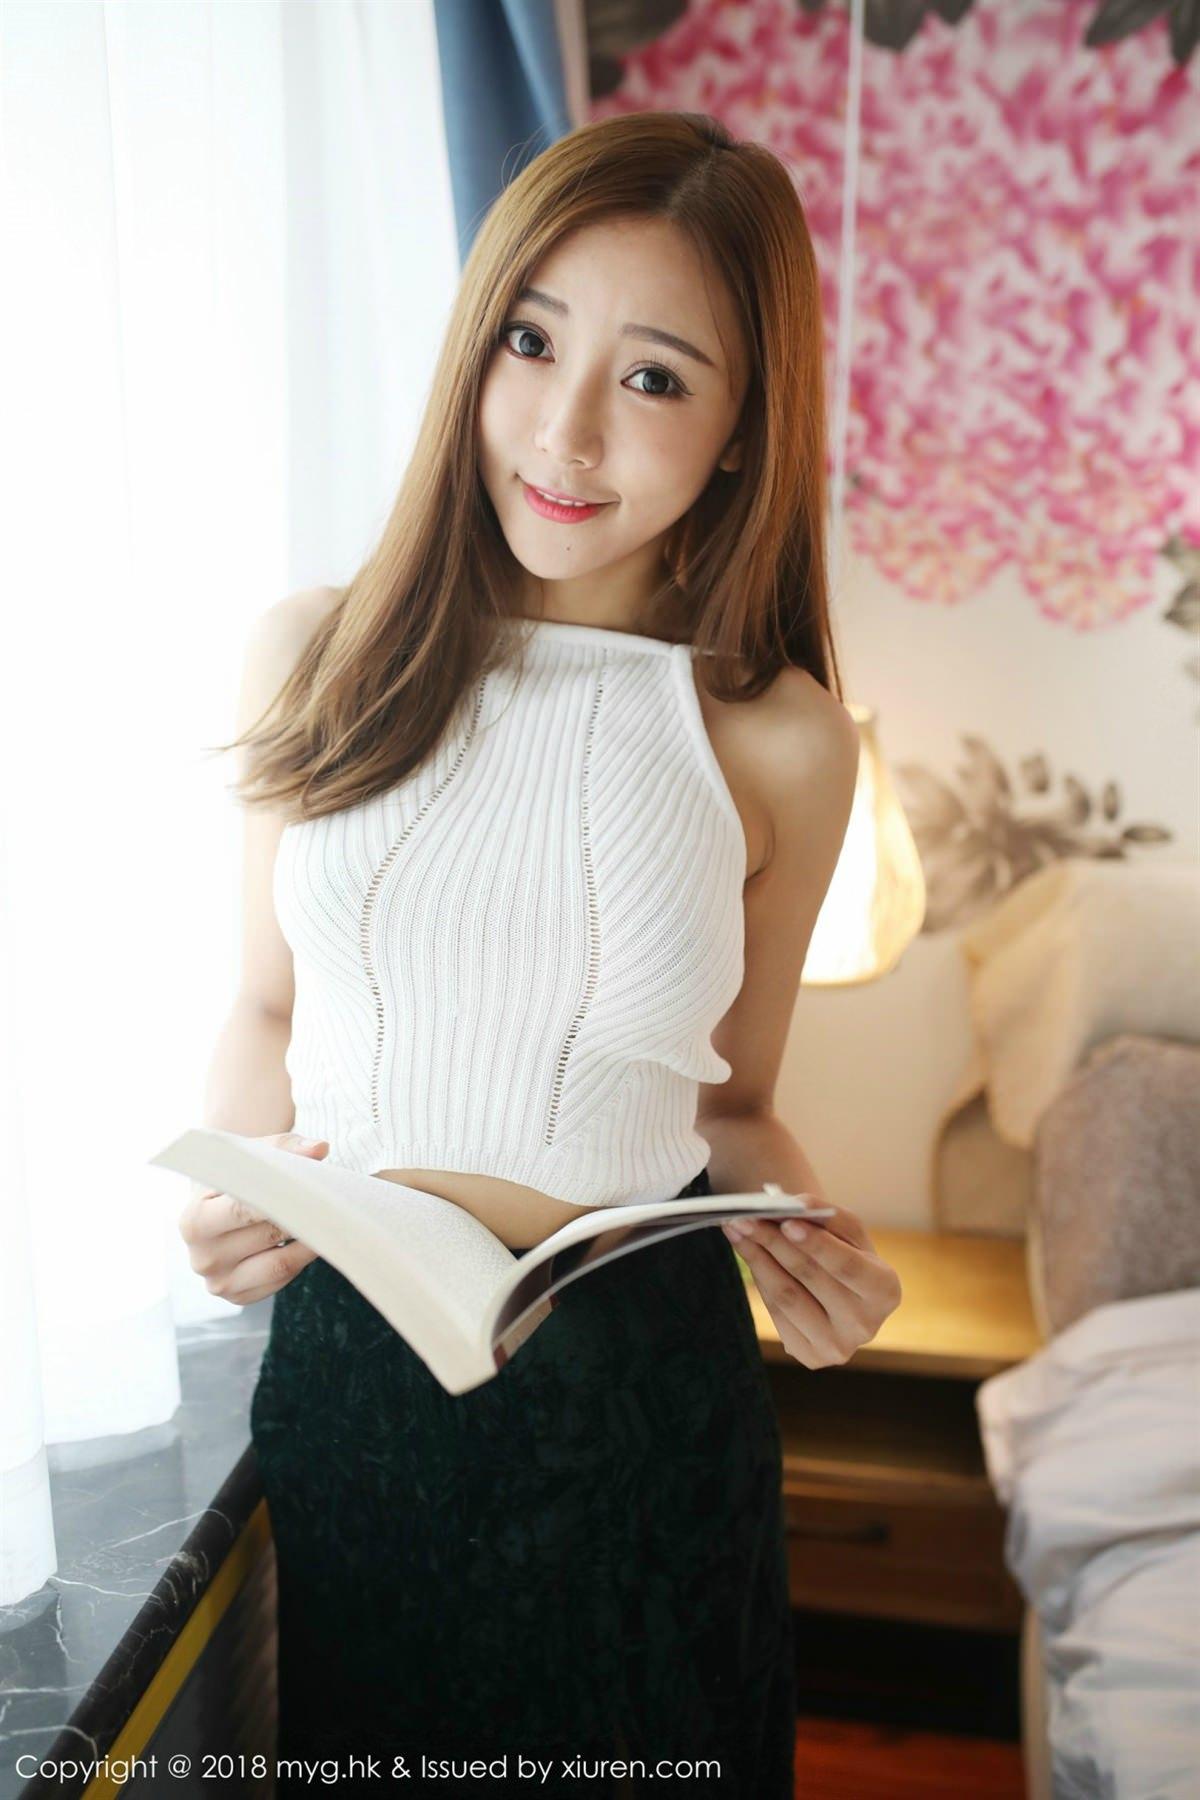 MyGirl Vol.293 38P, mygirl, Wang Xin Yao